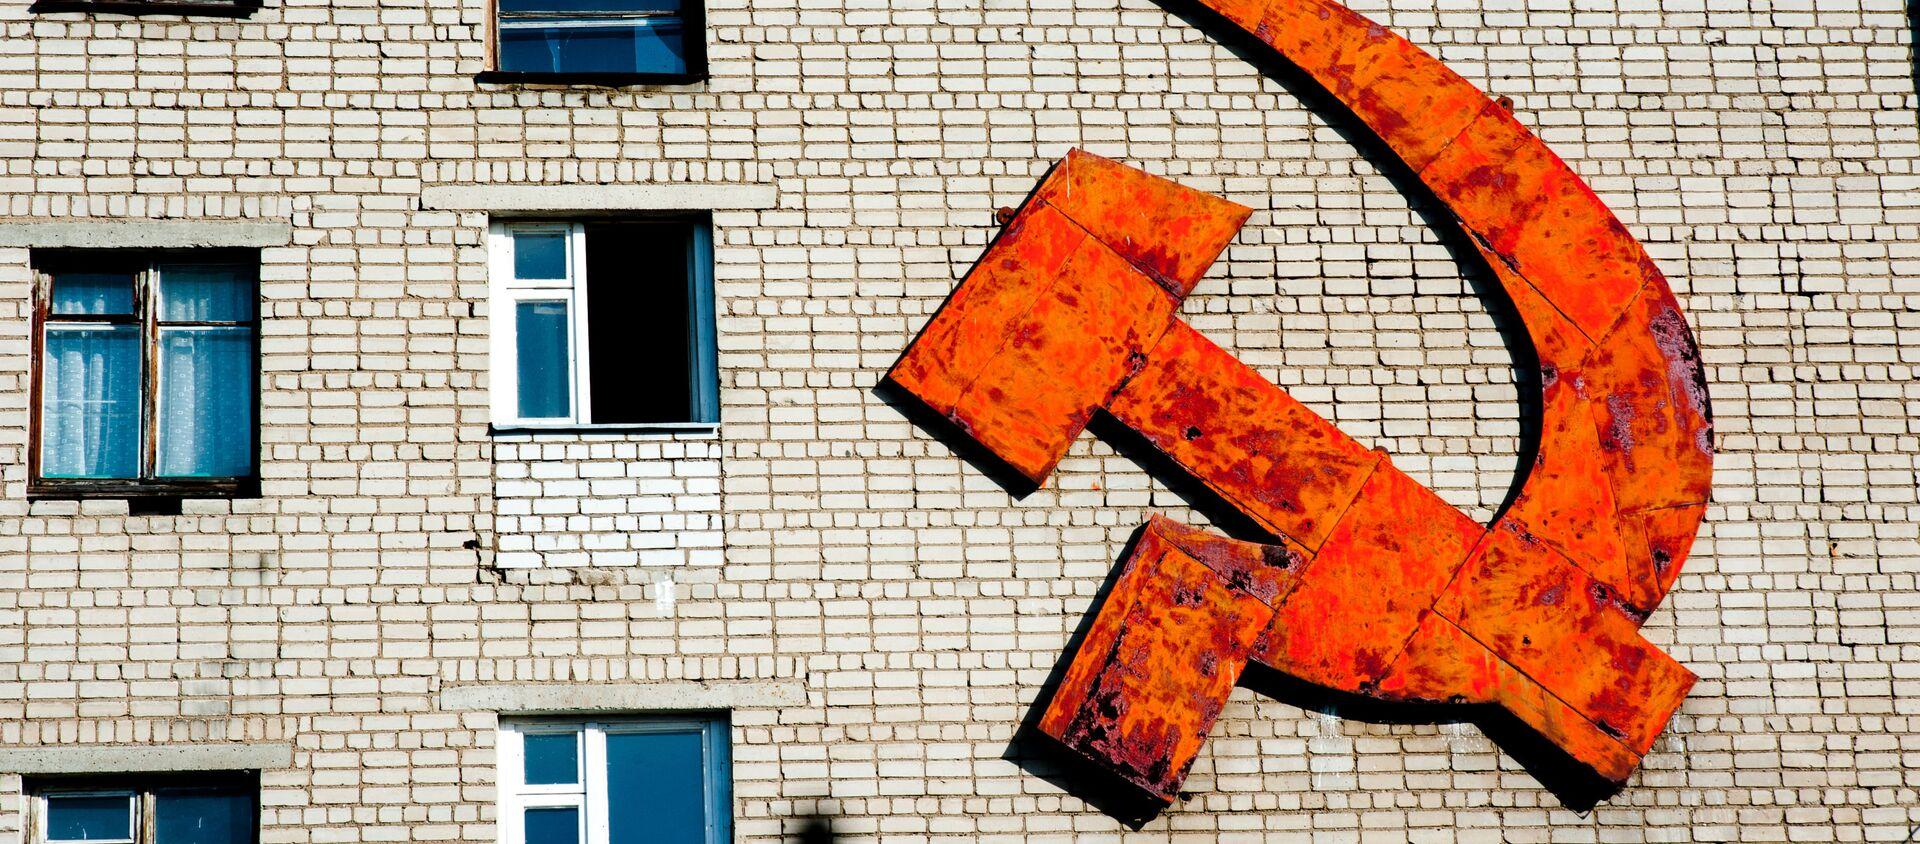 Серп и молот на стене жилого дома в Ростове - Sputnik Việt Nam, 1920, 02.09.2020